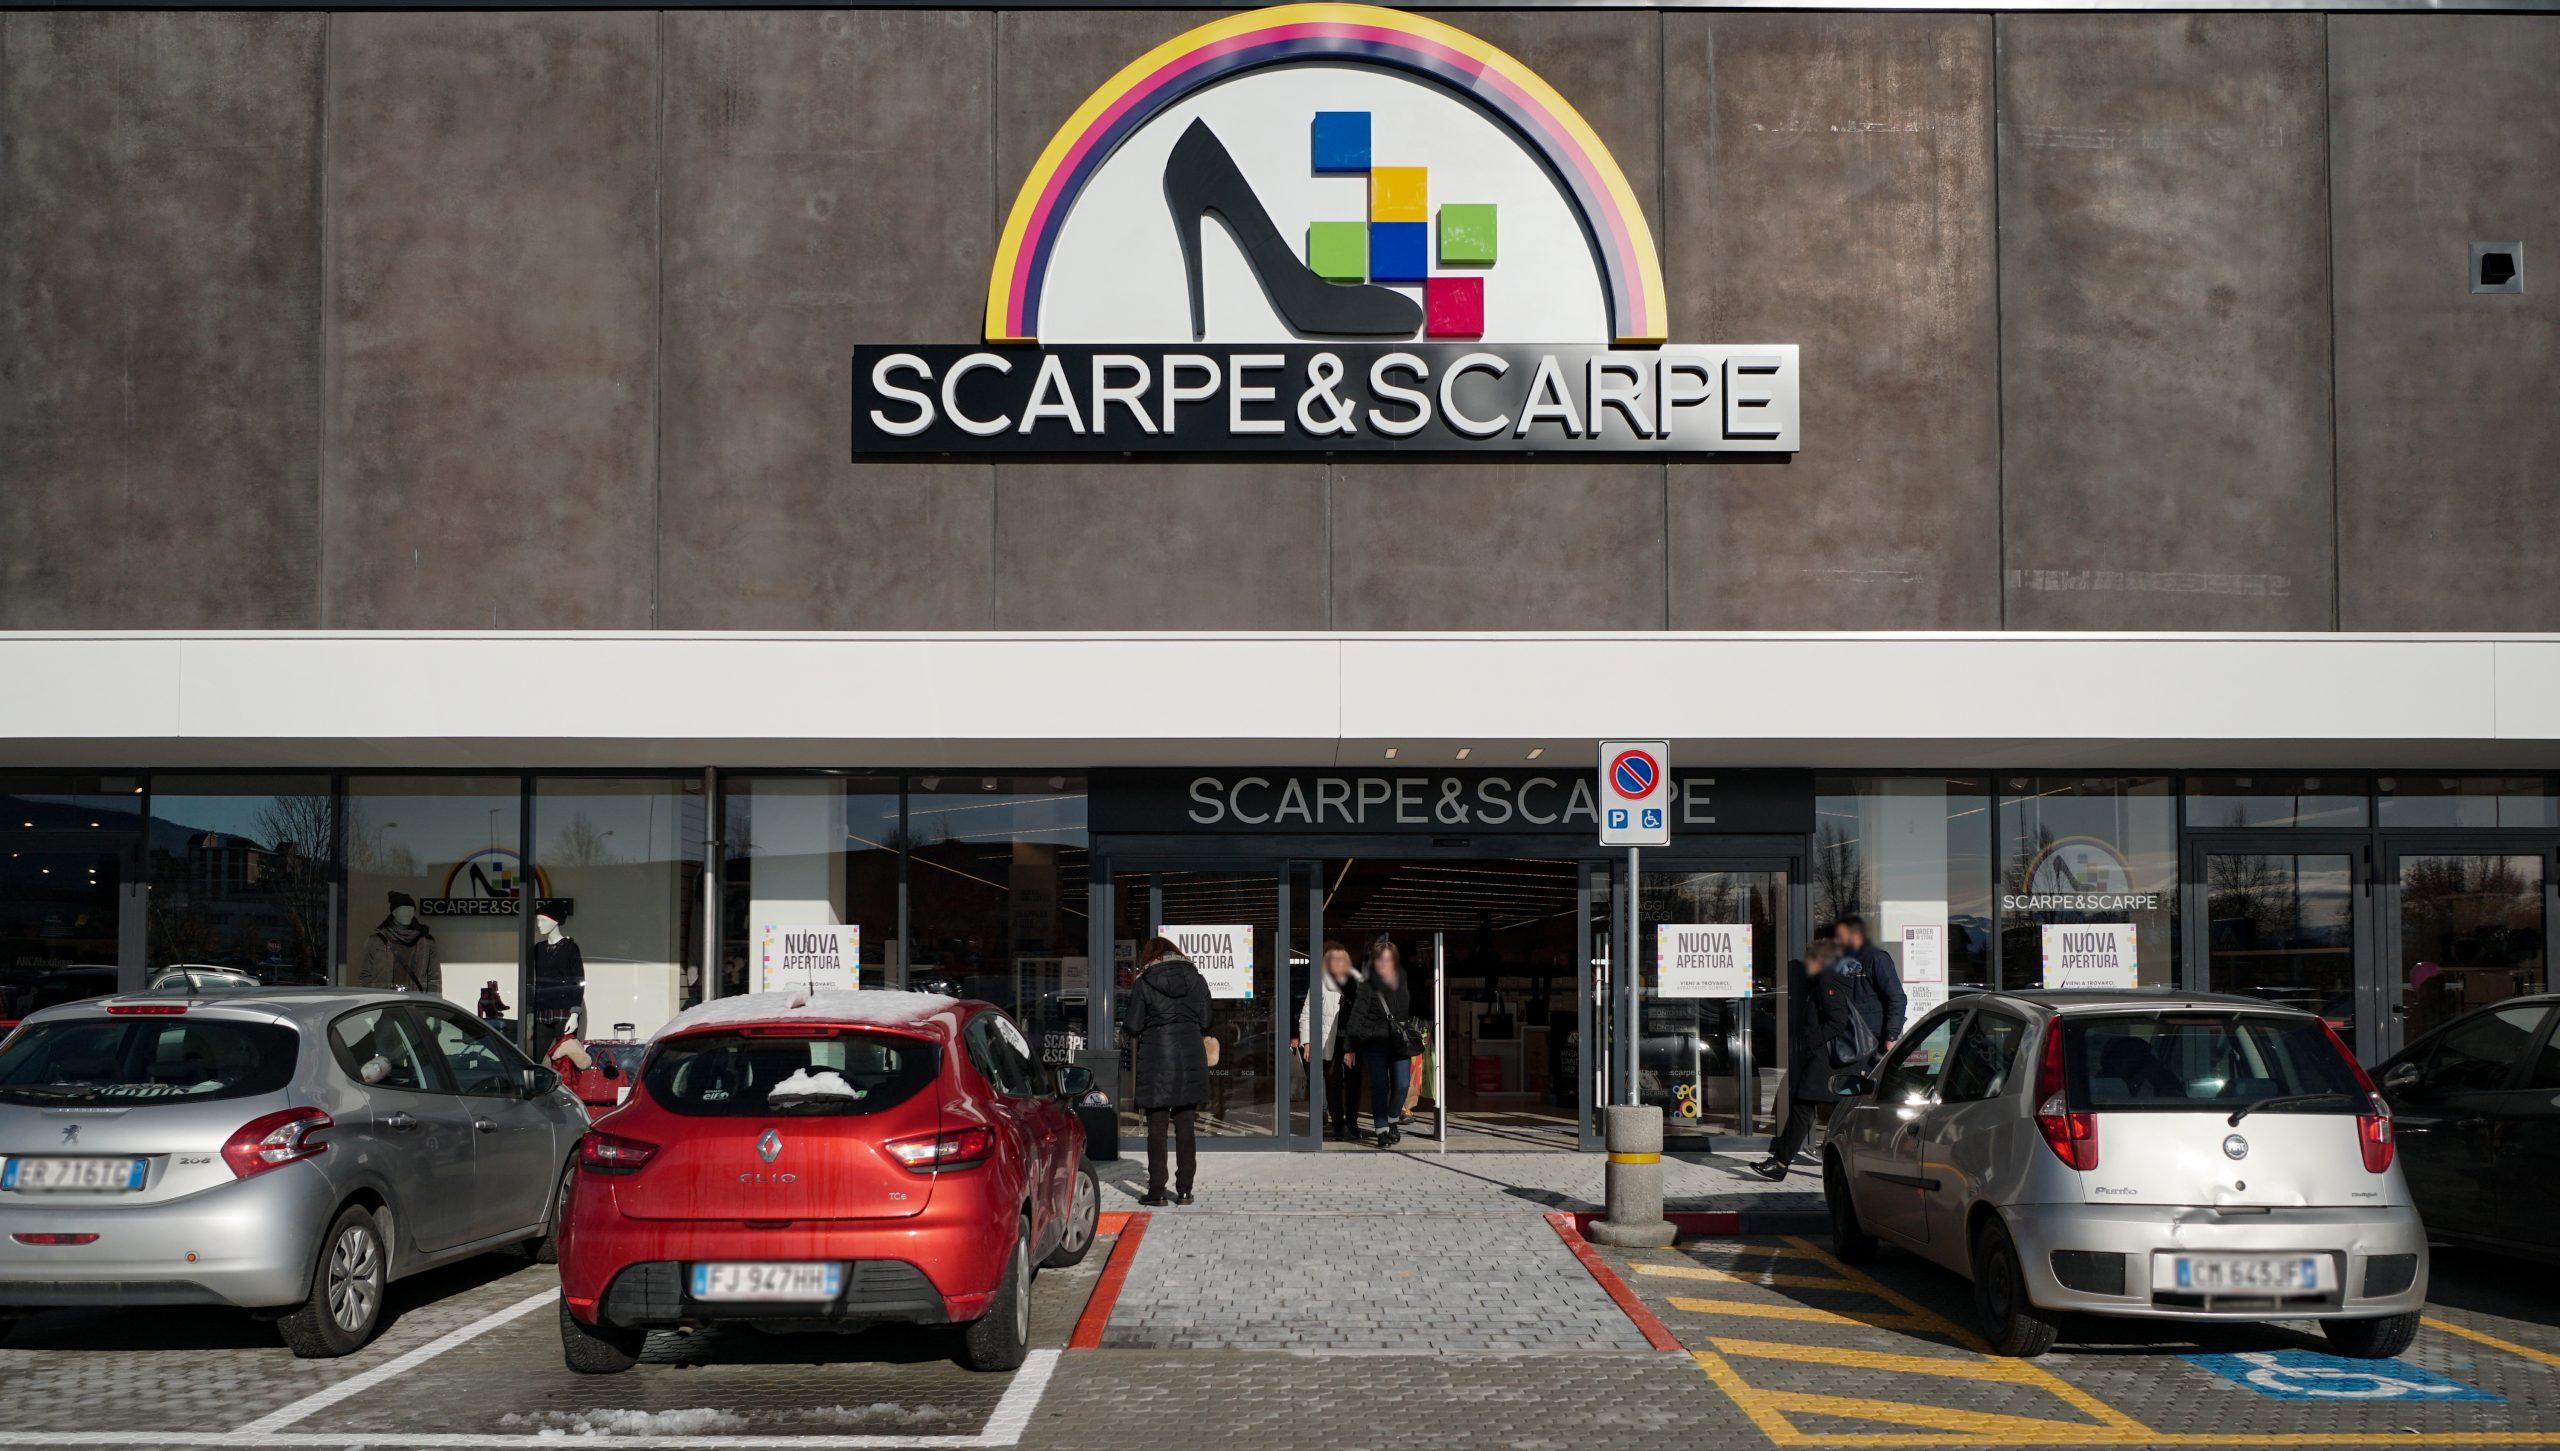 Scarpe&Scarpe Saluzzo